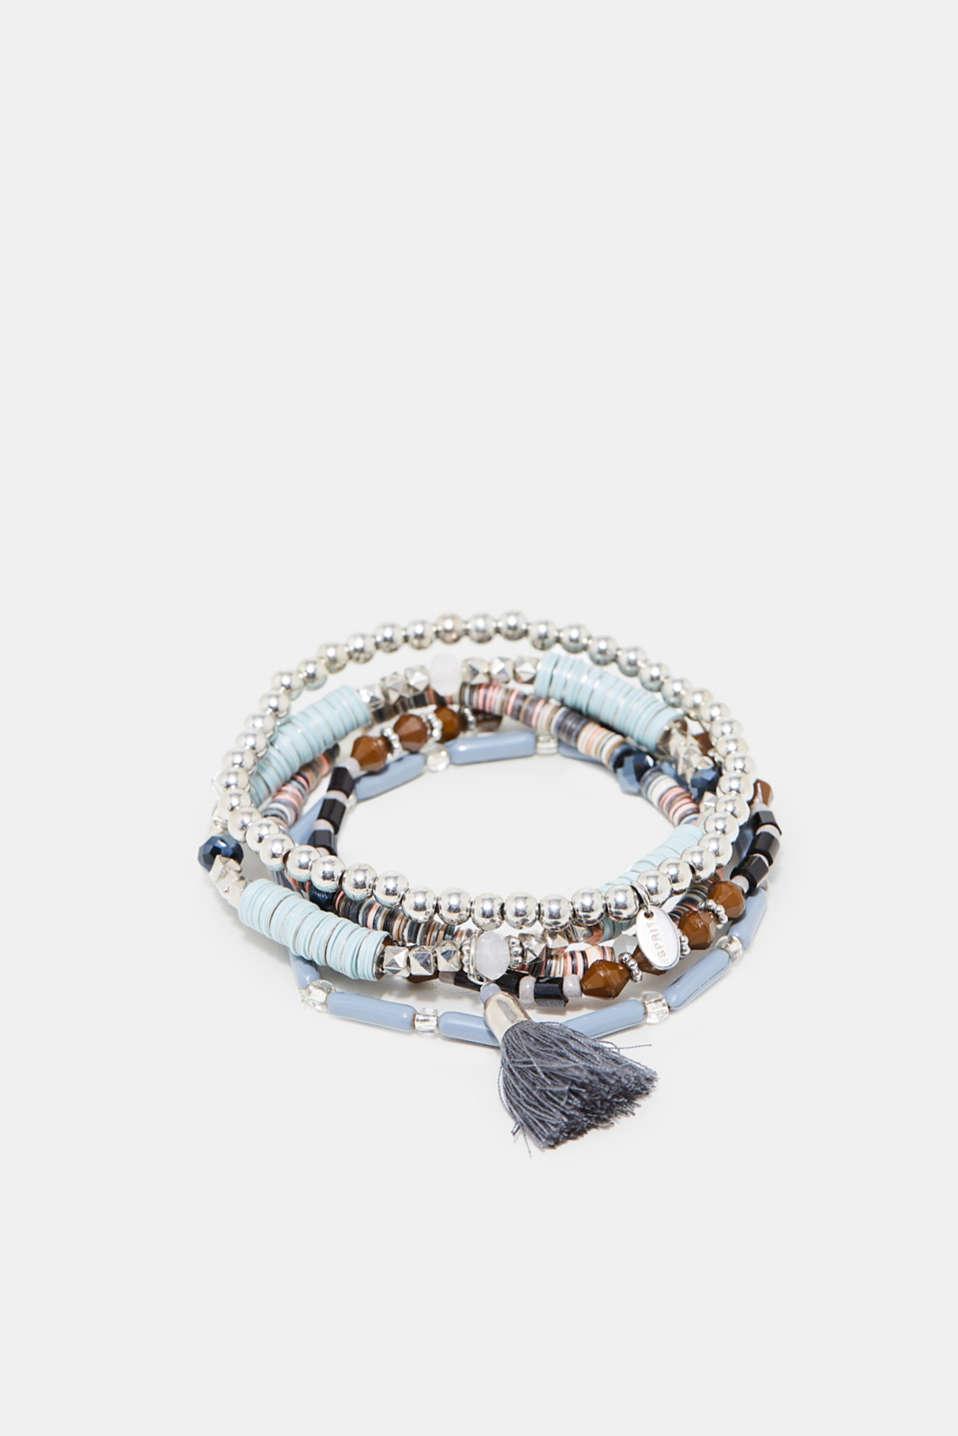 esprit set de bracelets de perles lastiques acheter sur la boutique en ligne. Black Bedroom Furniture Sets. Home Design Ideas